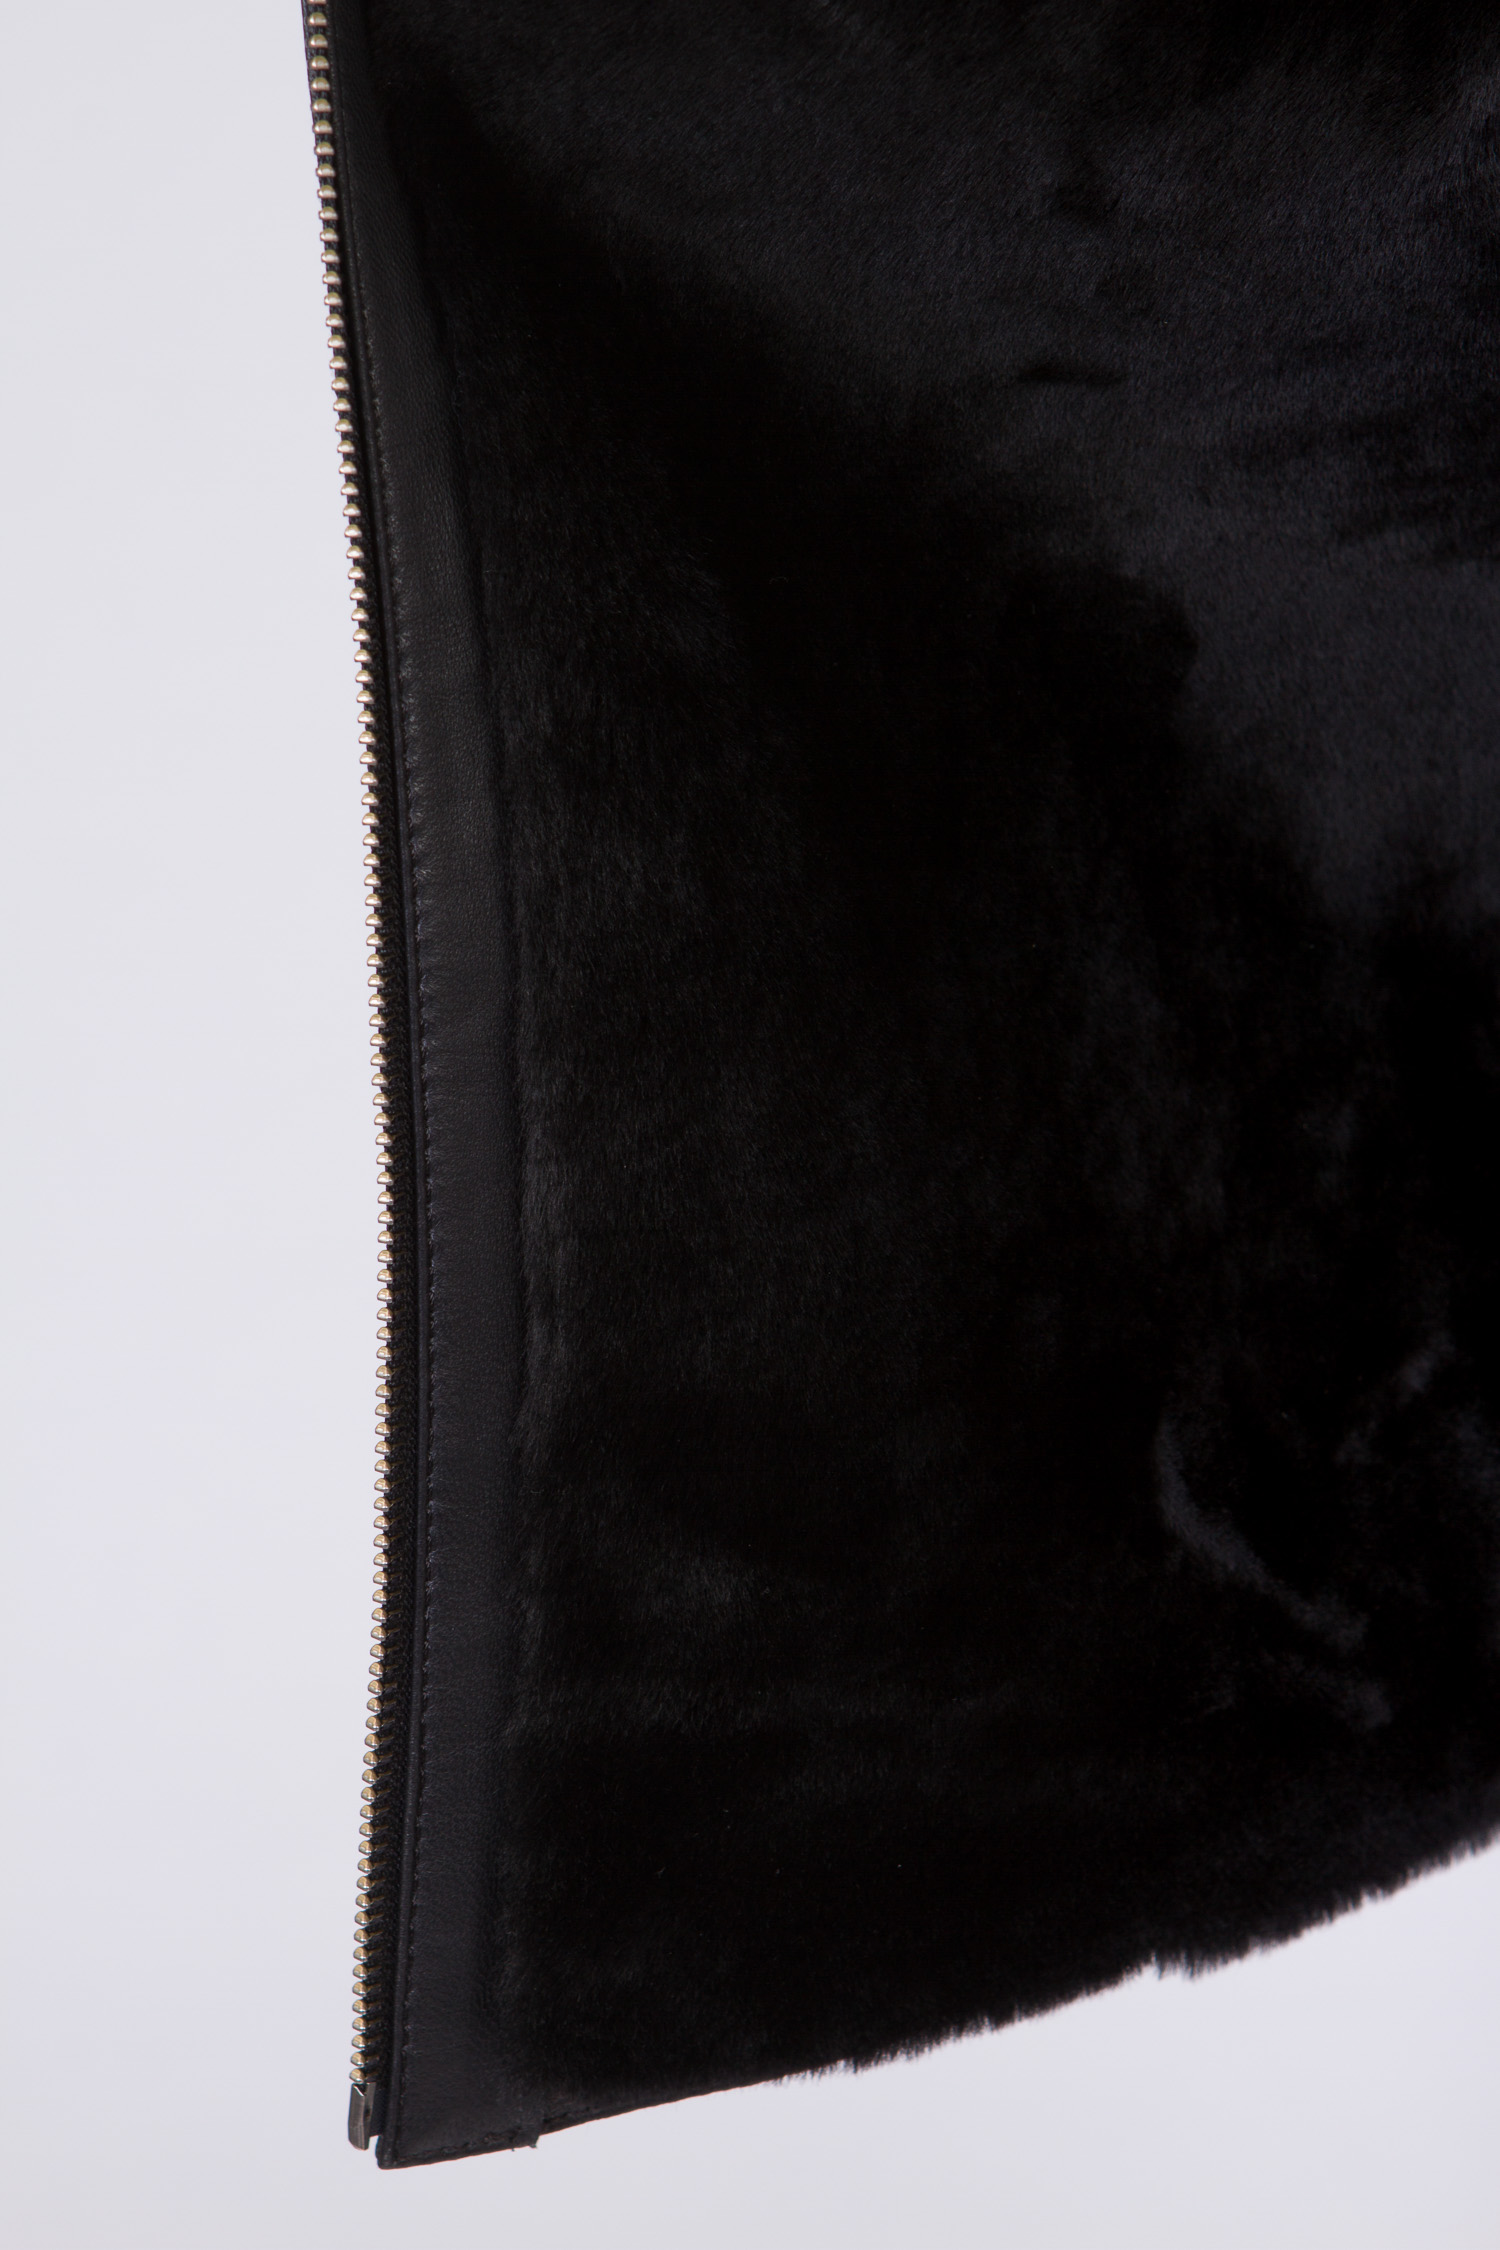 Мужская кожаная куртка из натуральной кожи на меху с воротником, отделка норка от Московская Меховая Компания